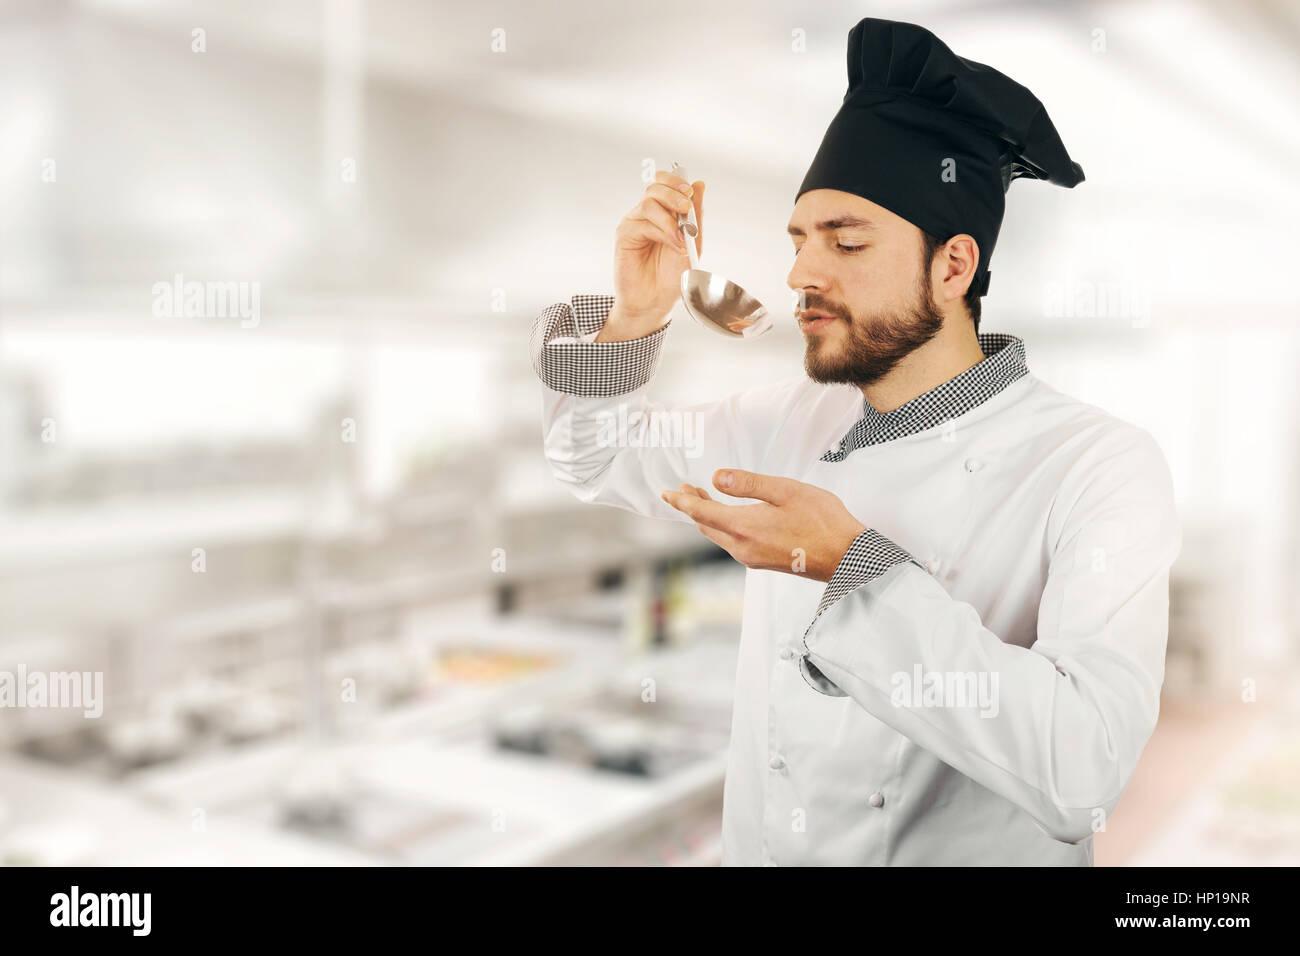 Taste Test Food Chef Stock Photos & Taste Test Food Chef Stock ...